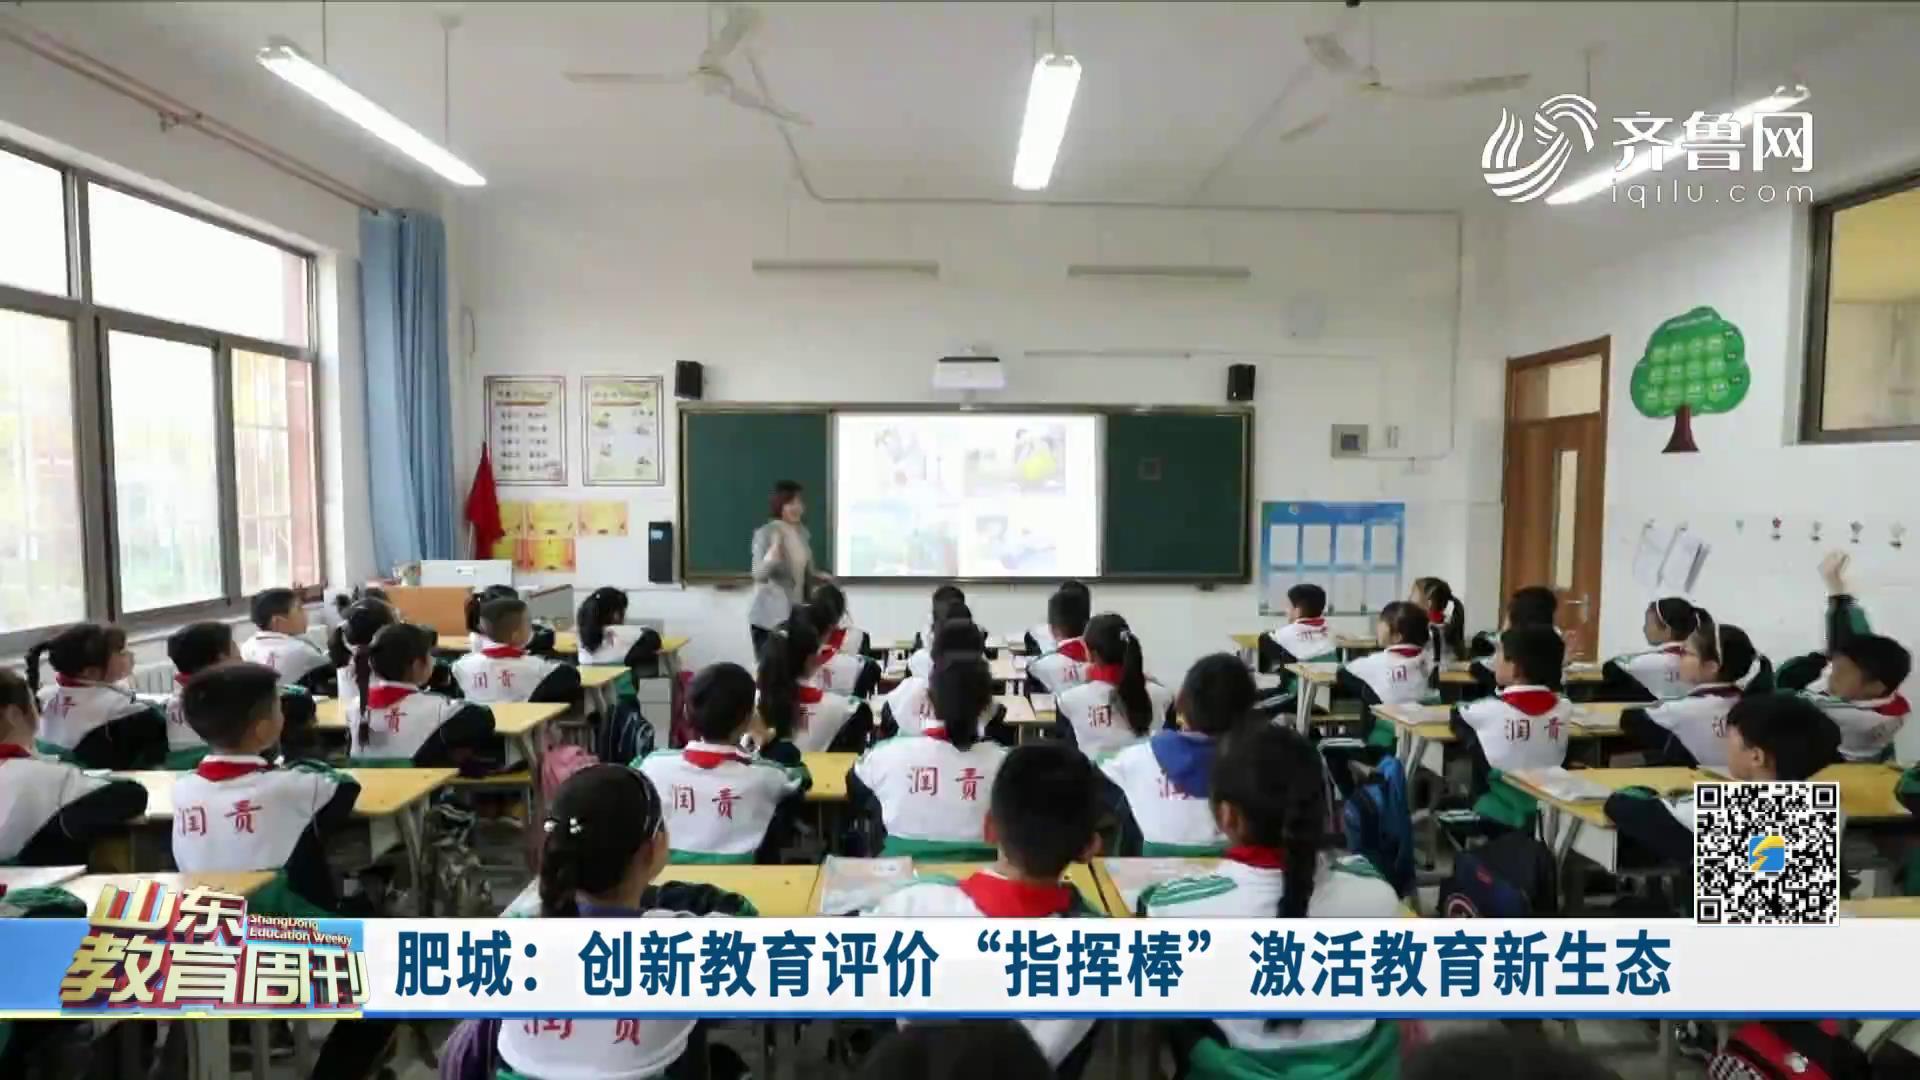 """肥城:创新教育评价""""指挥棒""""激活教育新生态《山东教育周刊》20201227播出"""